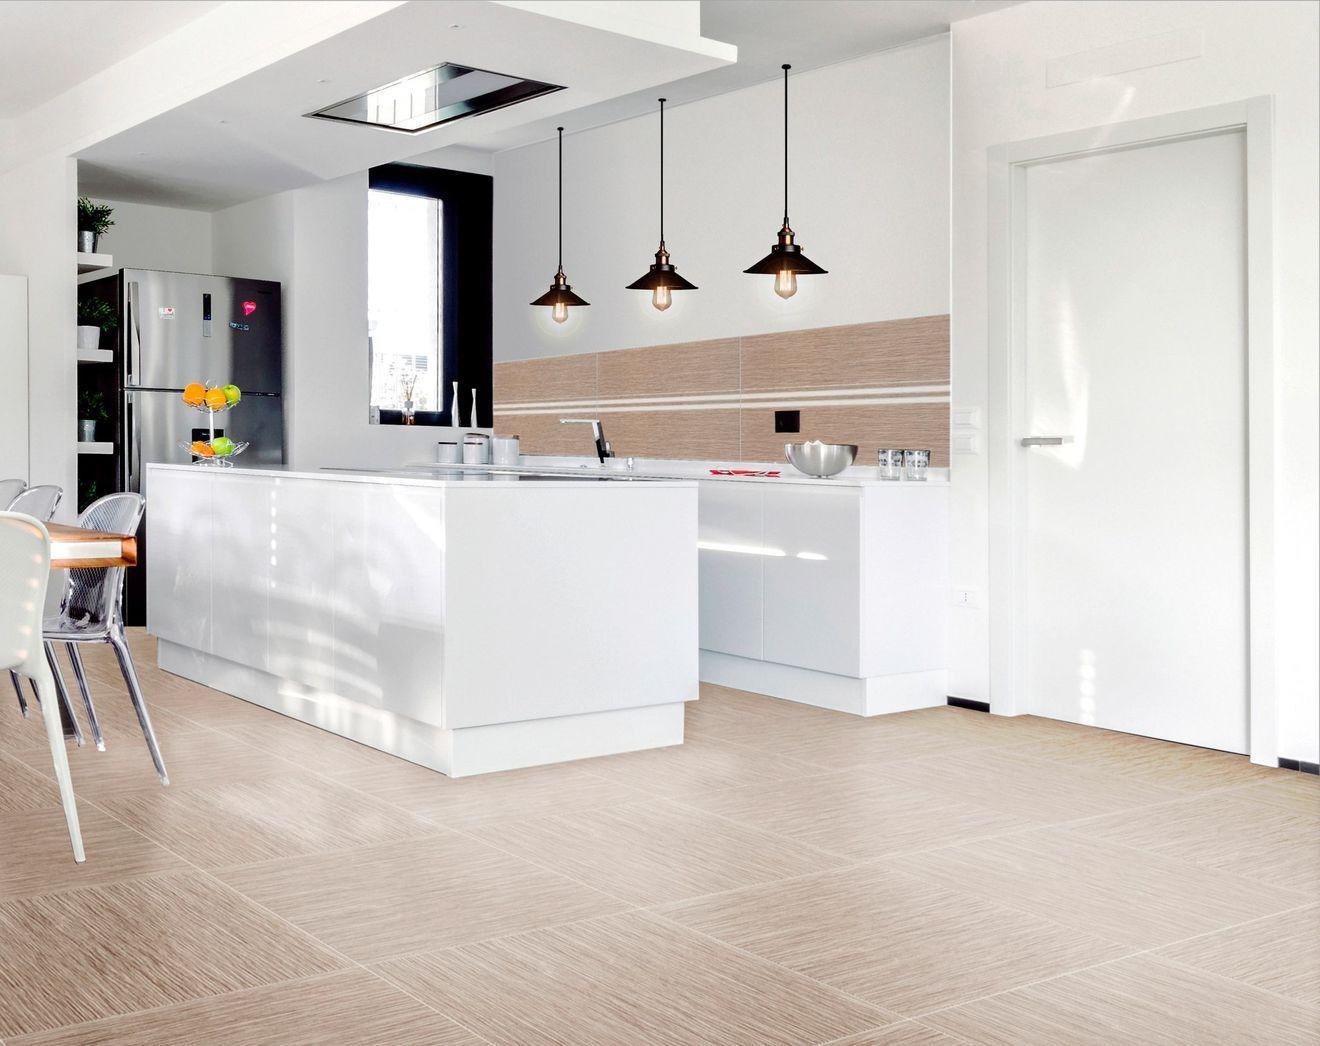 Revêtement sol cuisine : 19 modèles de sol pour une ...